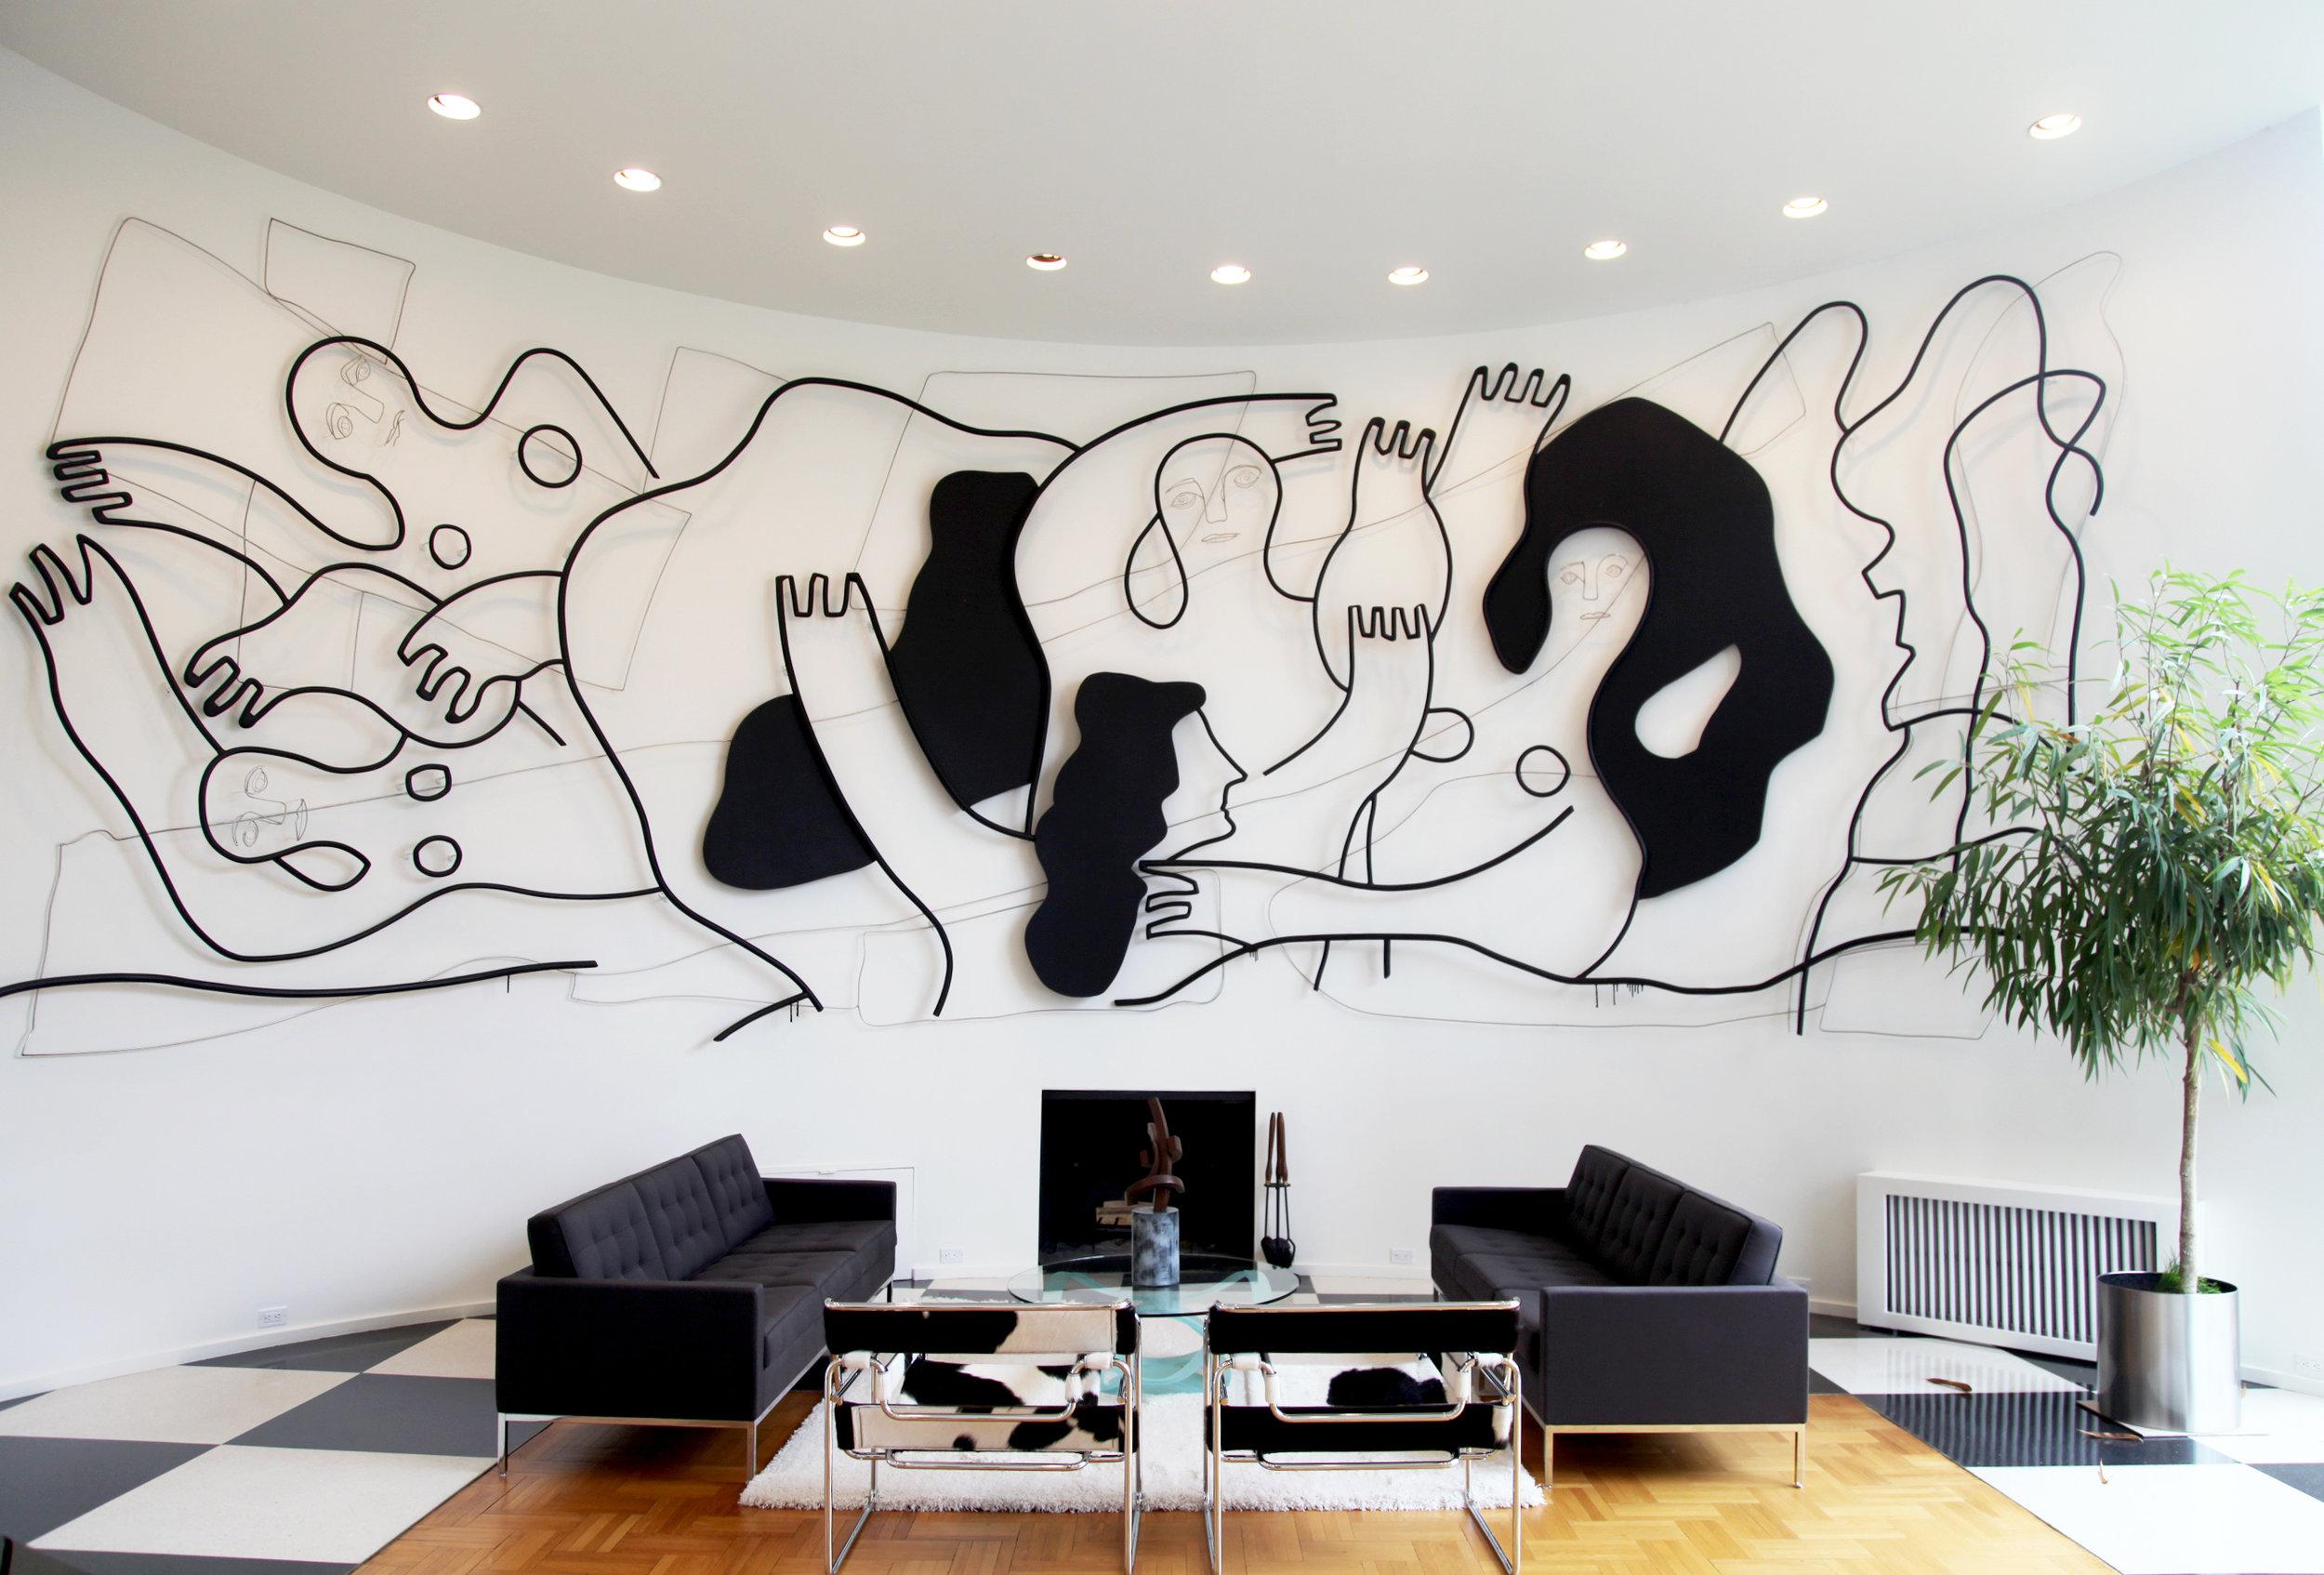 brandon d'Leo artist new york